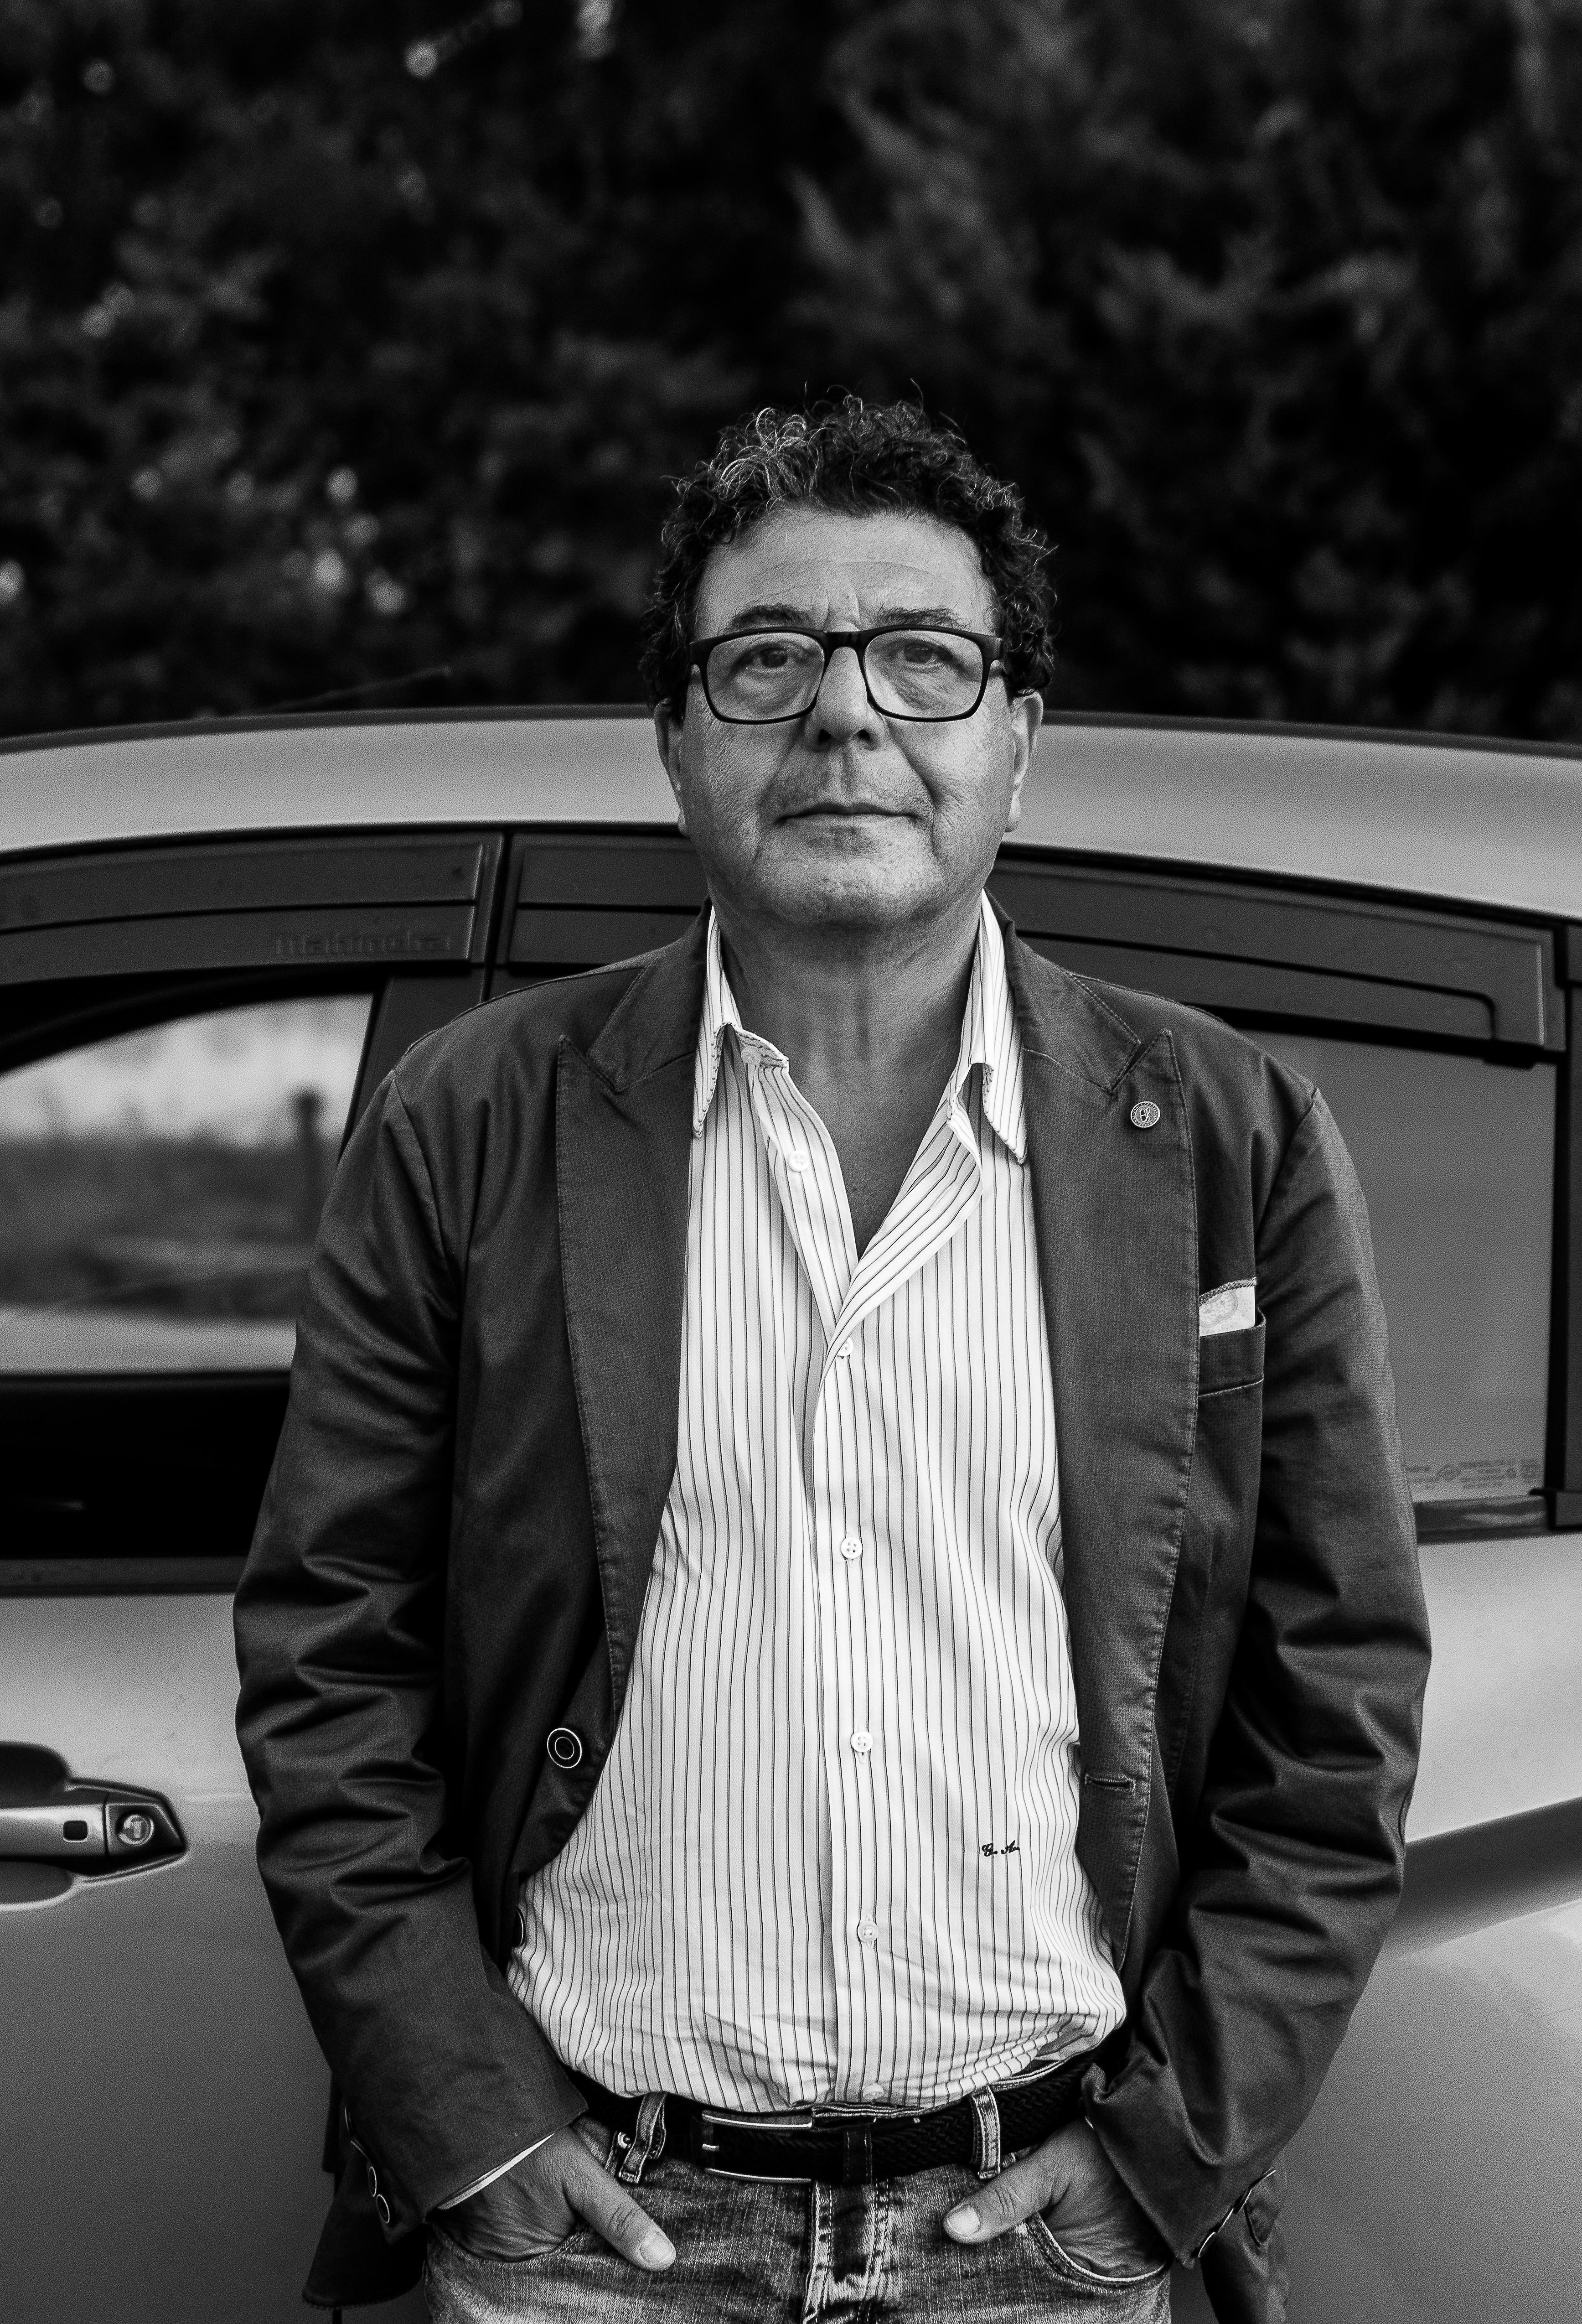 Giuseppe Allocca (Credits. Giacomo Ambrosino | GMPhotoagency)